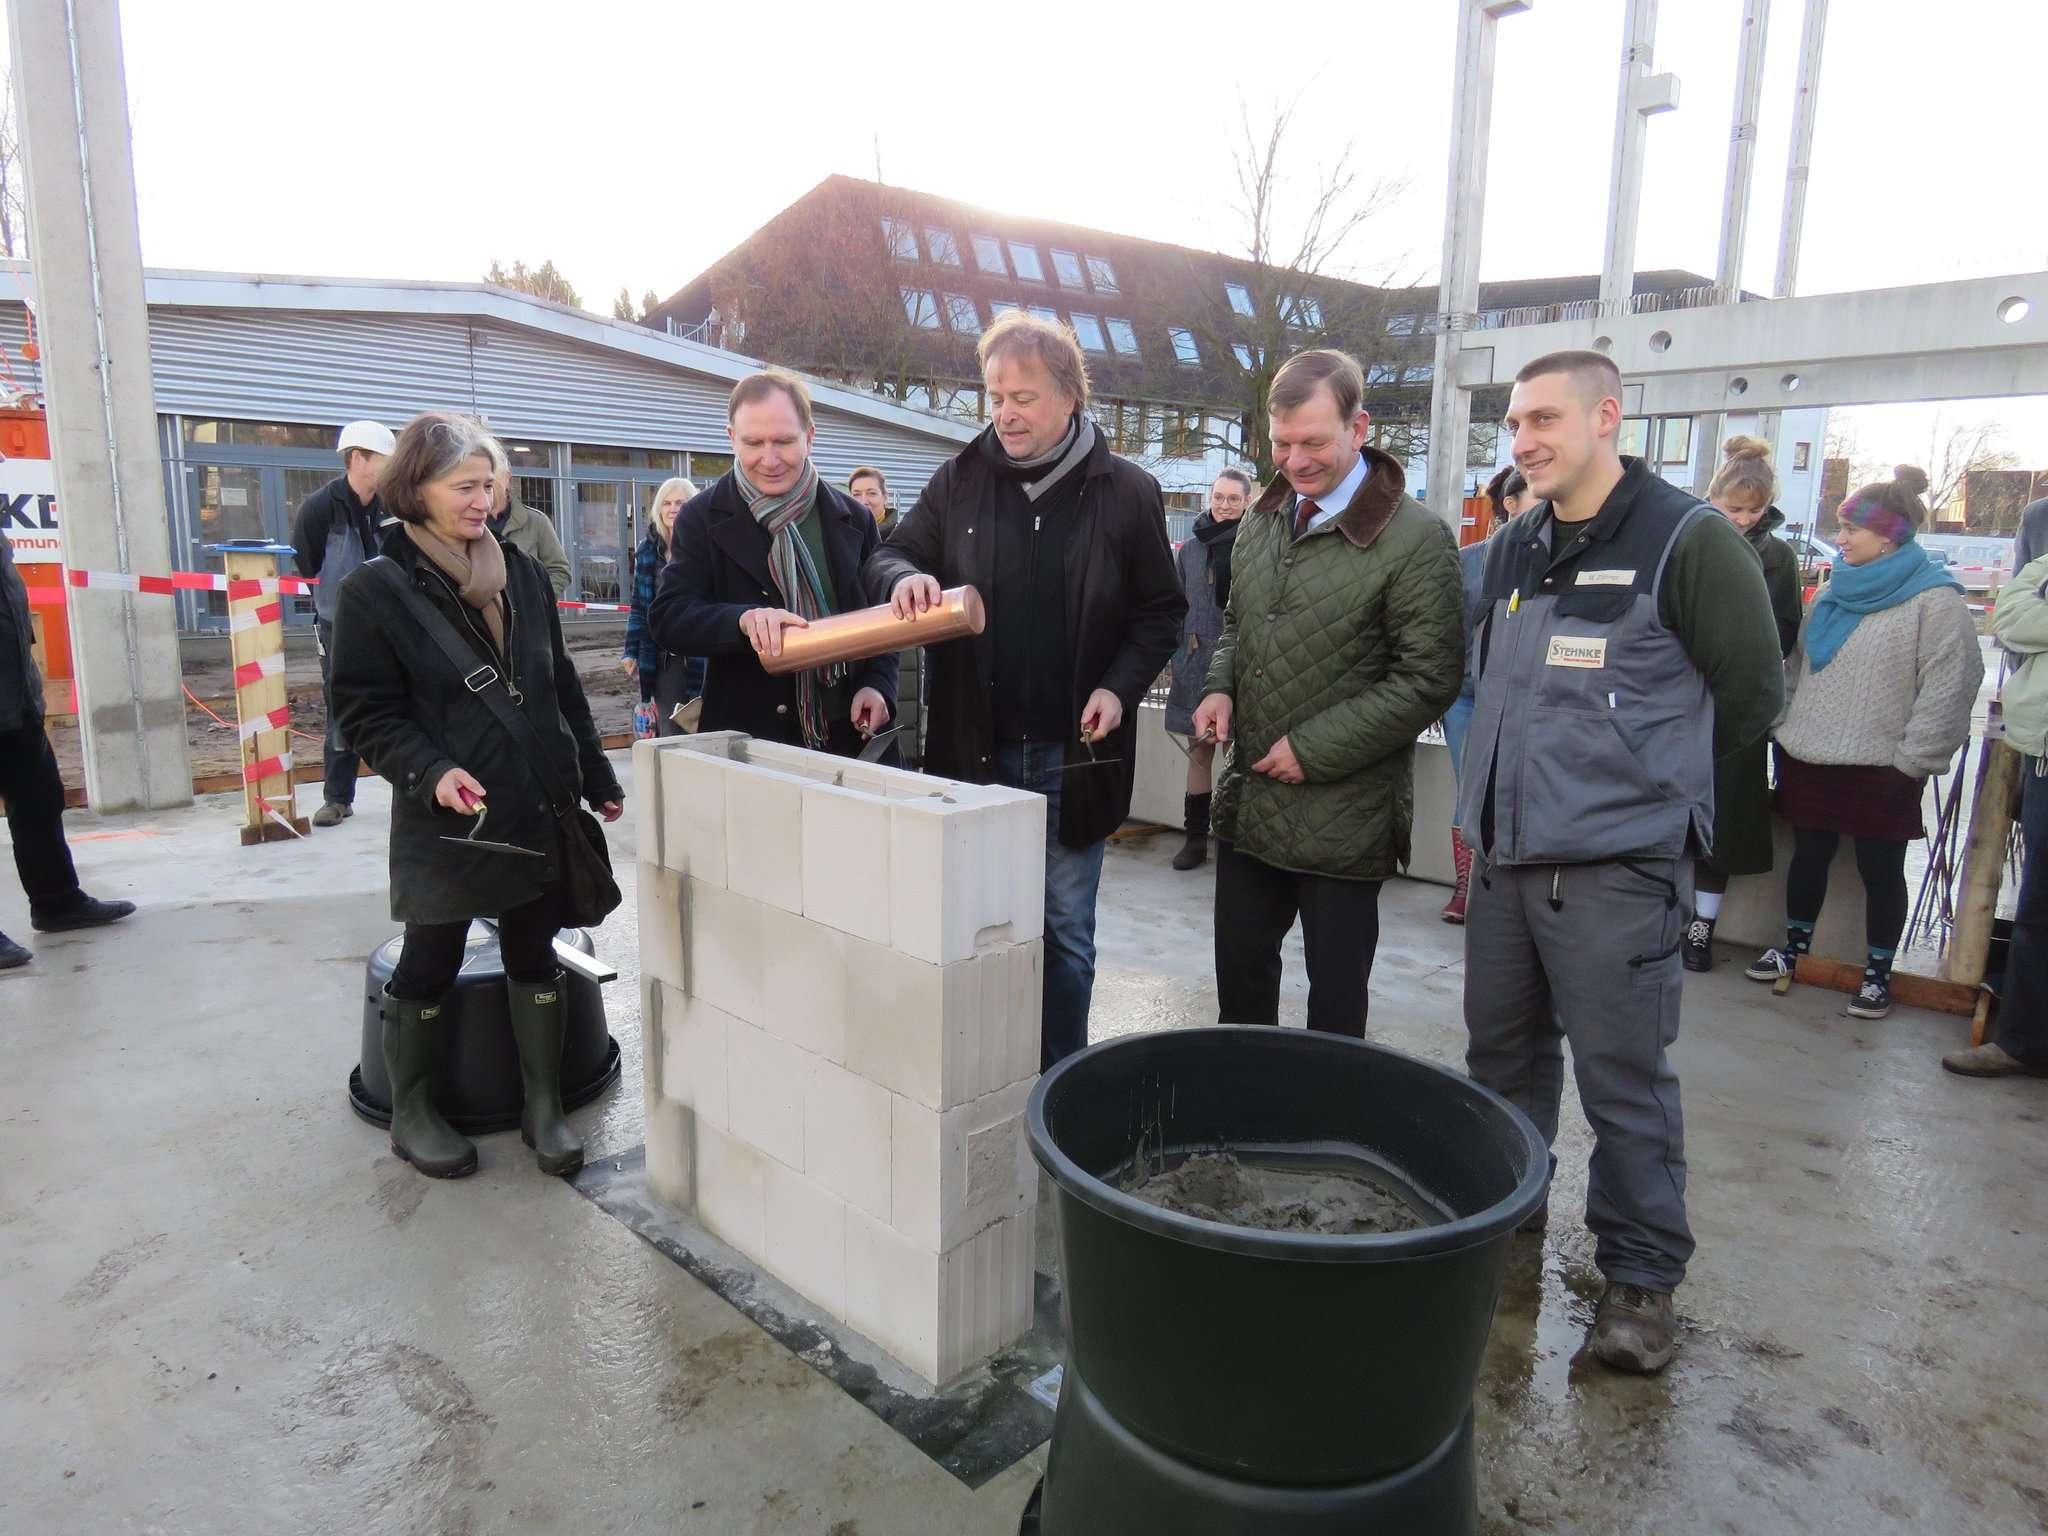 Nach Anweisung des Poliers legte der künstlerische Leiter der HKS, Ralf Rummel-Suhrcke (Mitte), die Zeitkapsel in den Grundstein für den neuen Forschungstrakt.  Foto: Elke Keppler-Rosenau